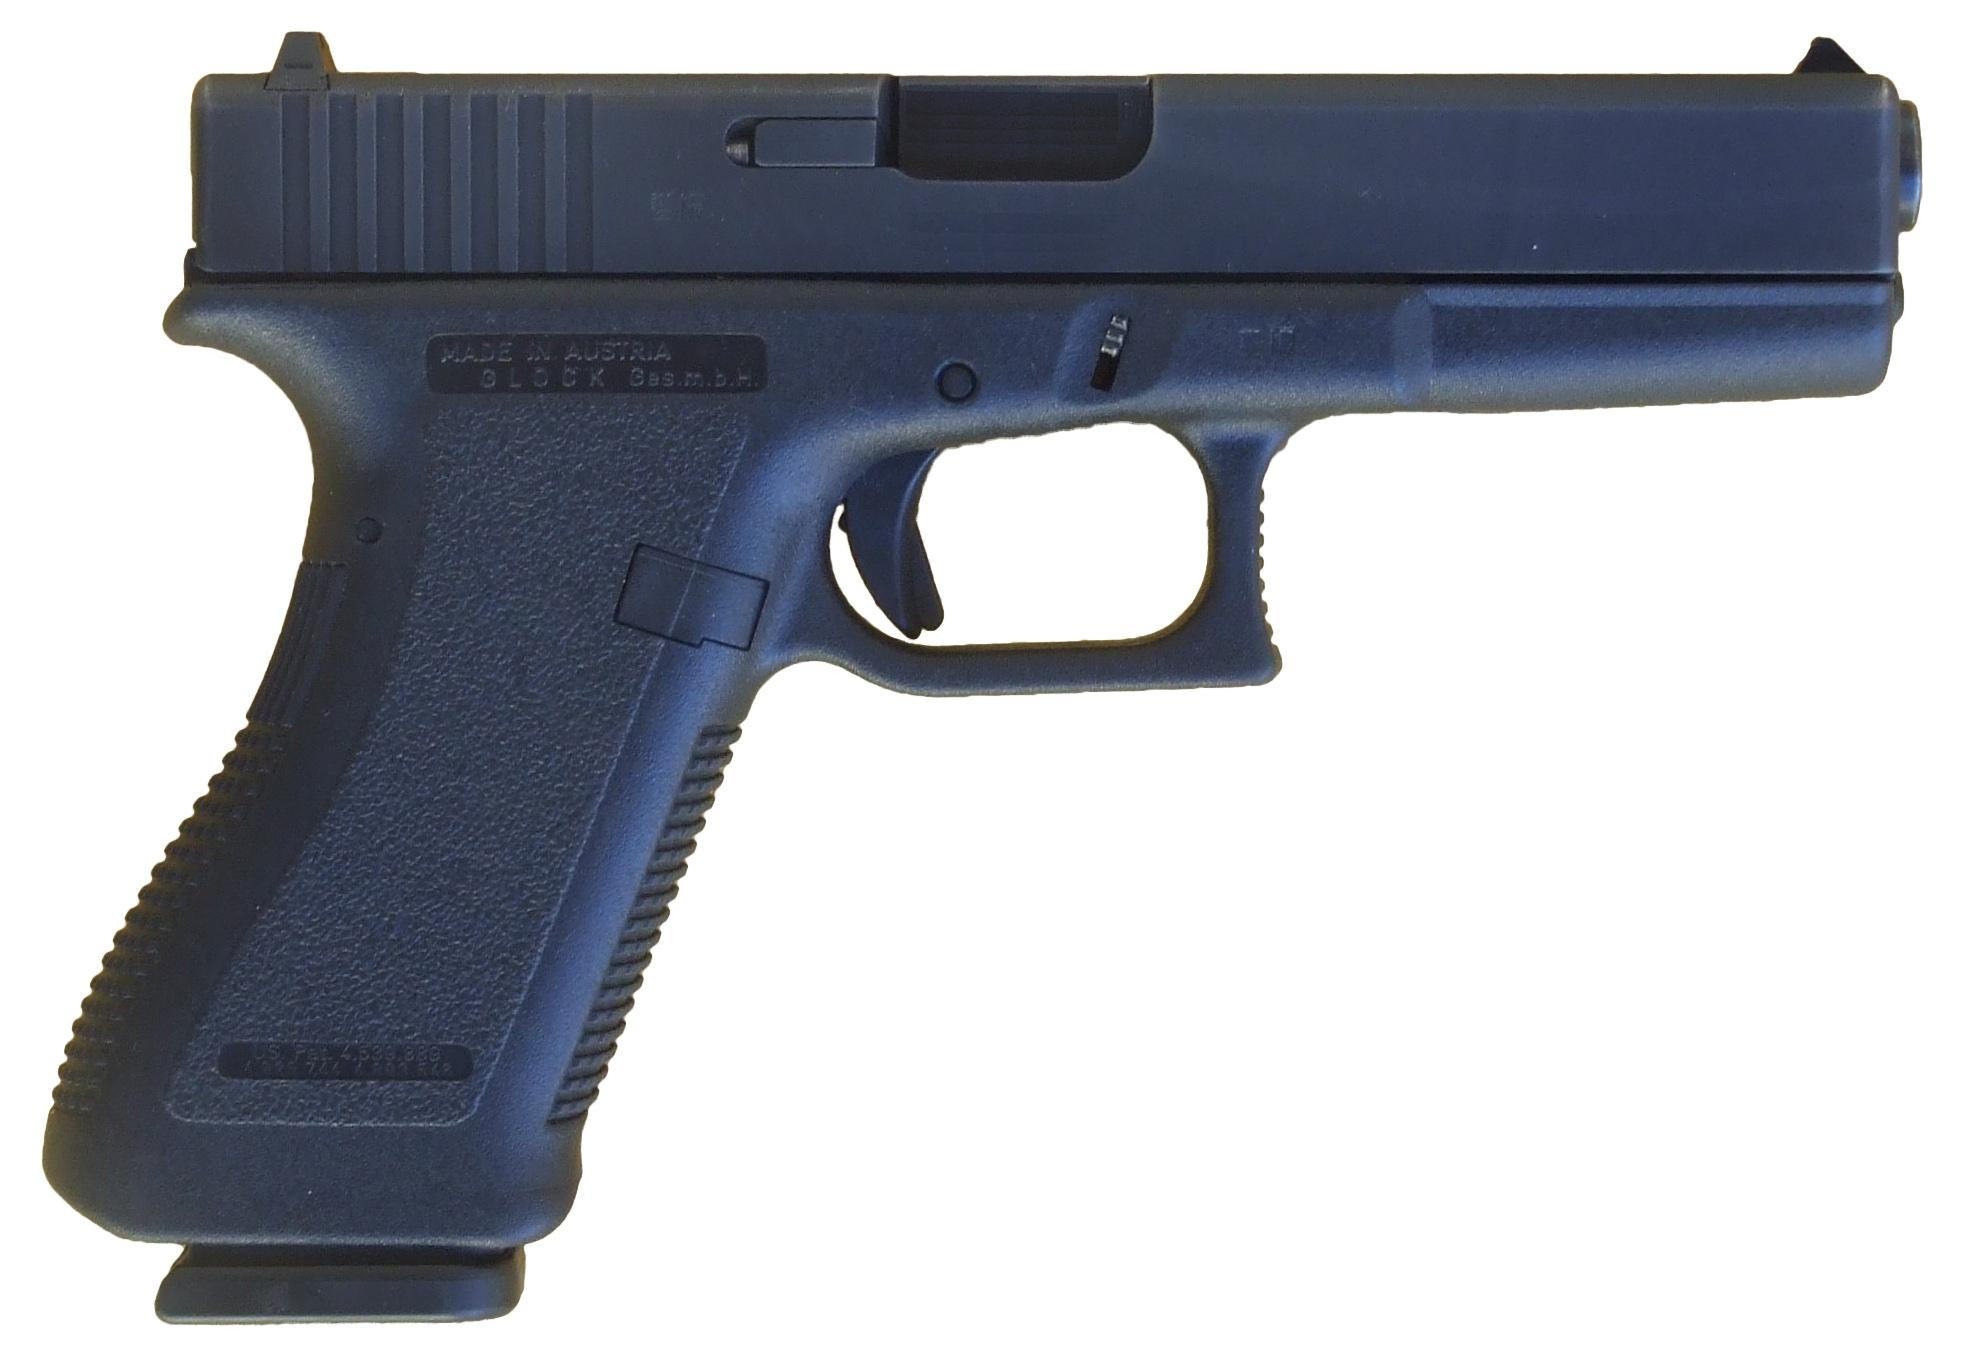 Glock 17 Gen 4 For Desktop